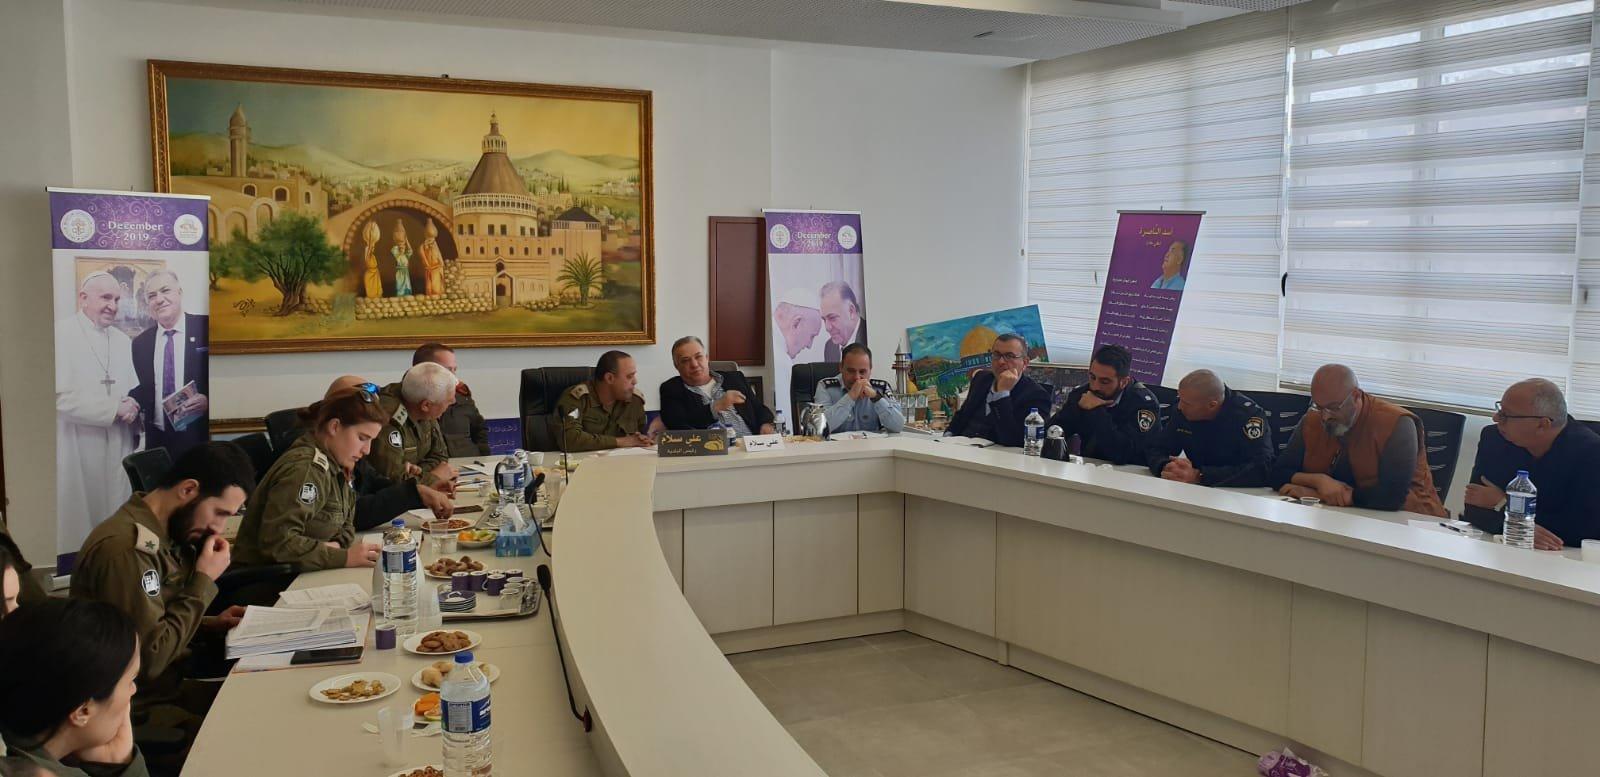 لجنه الطوارئ في بلدية الناصرة تعقد جلسه عمل مع الجبهة الداخلية-8